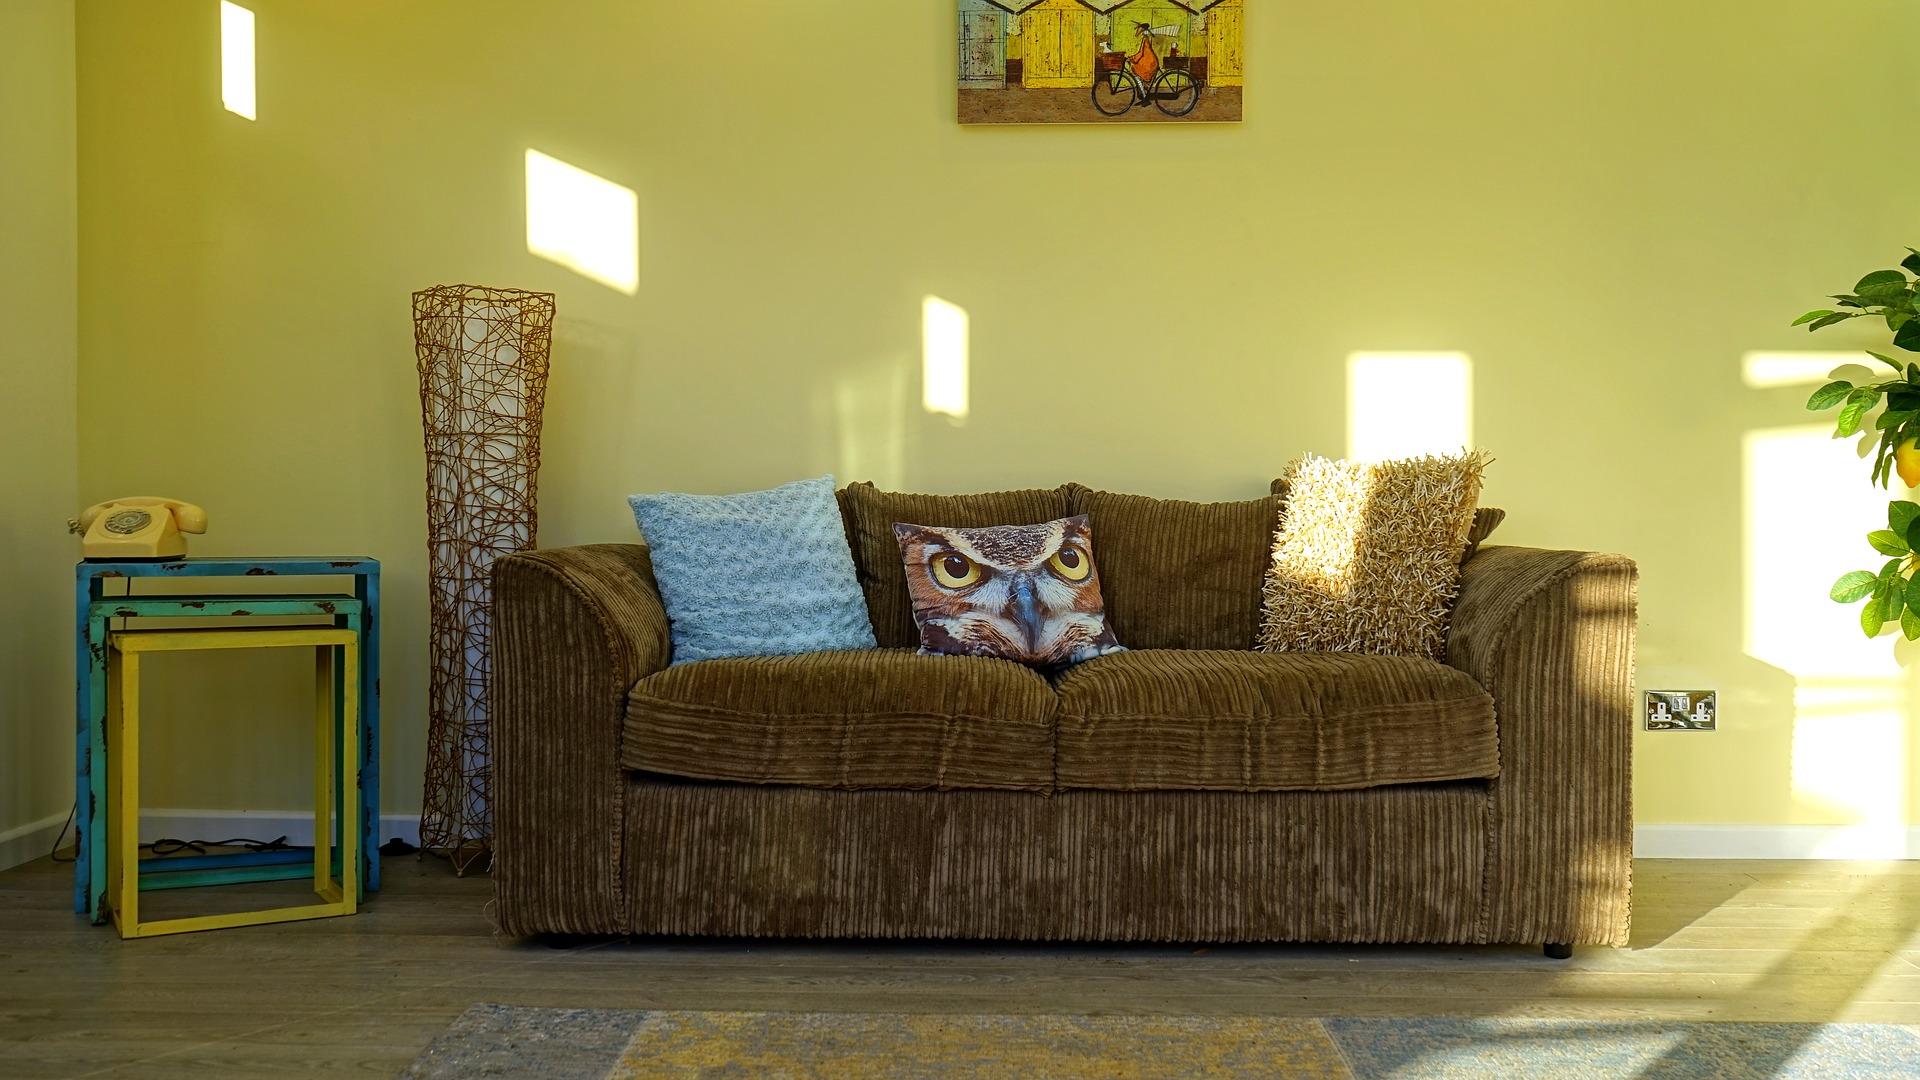 黄色墙壁和棕色沙发